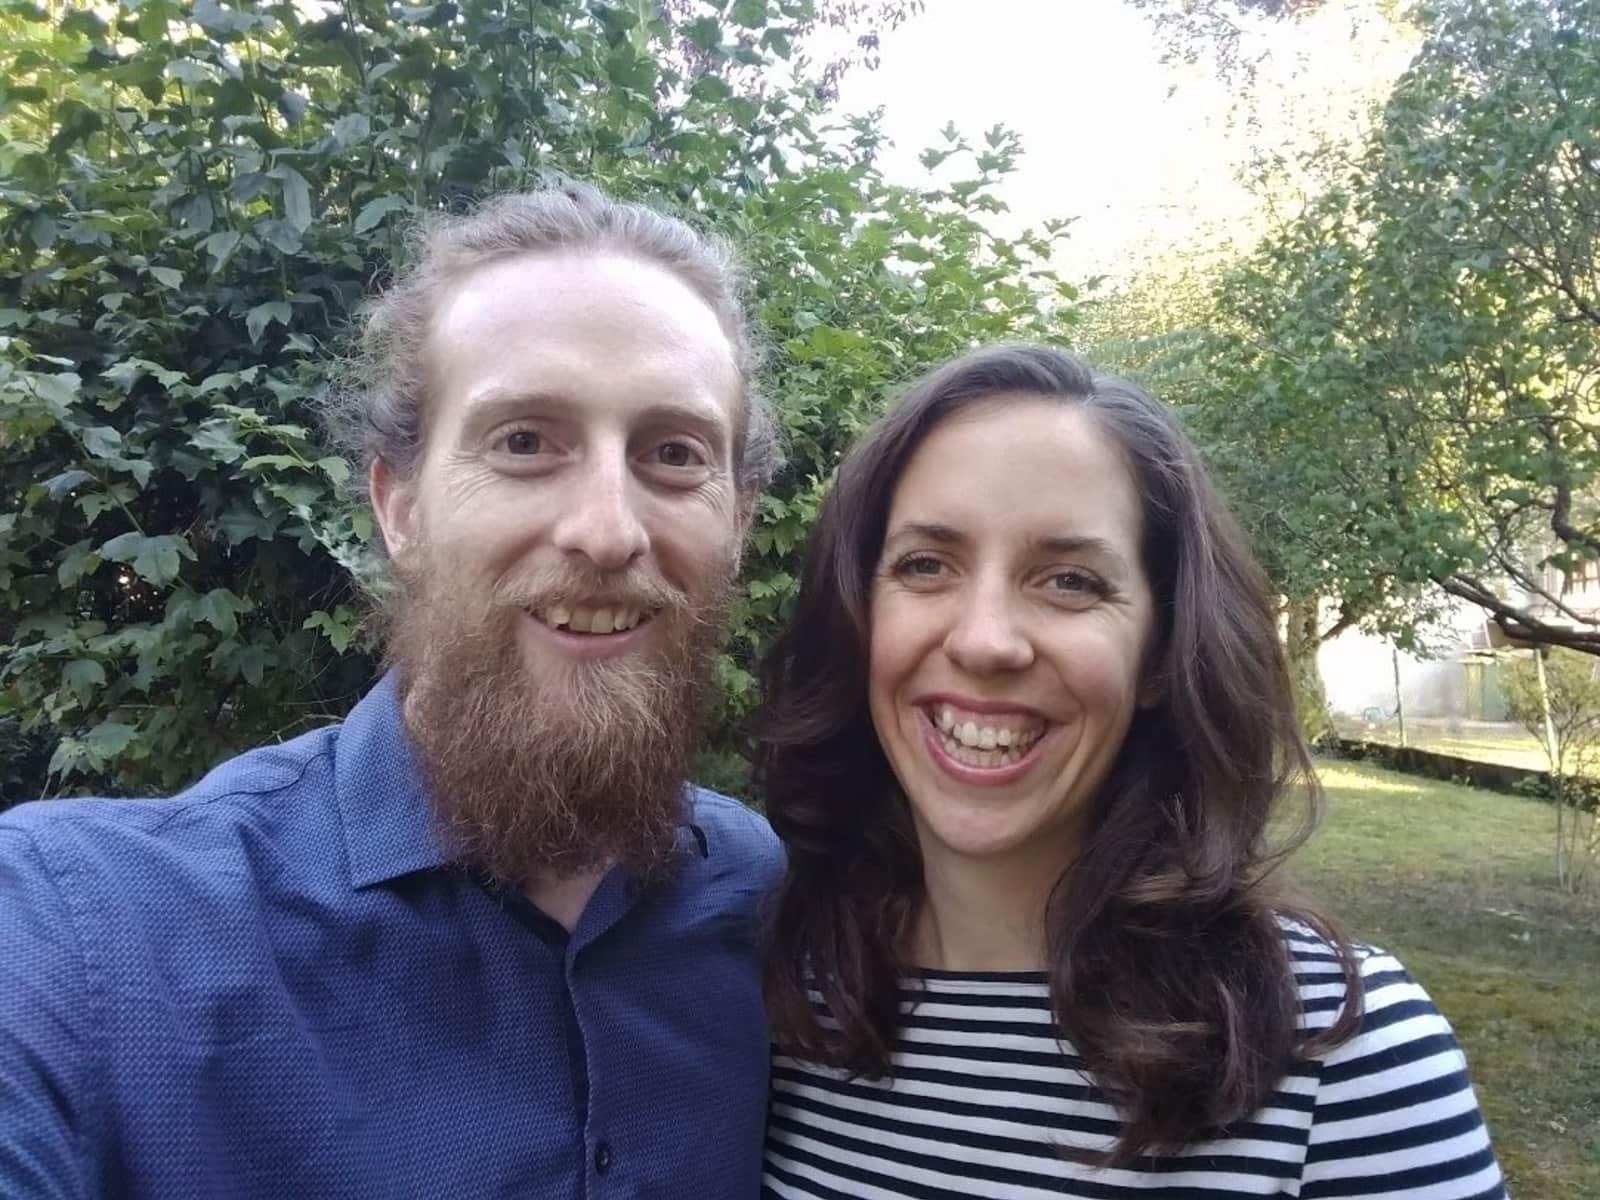 Delphine & Michael from La Chaux-de-Fonds, Switzerland